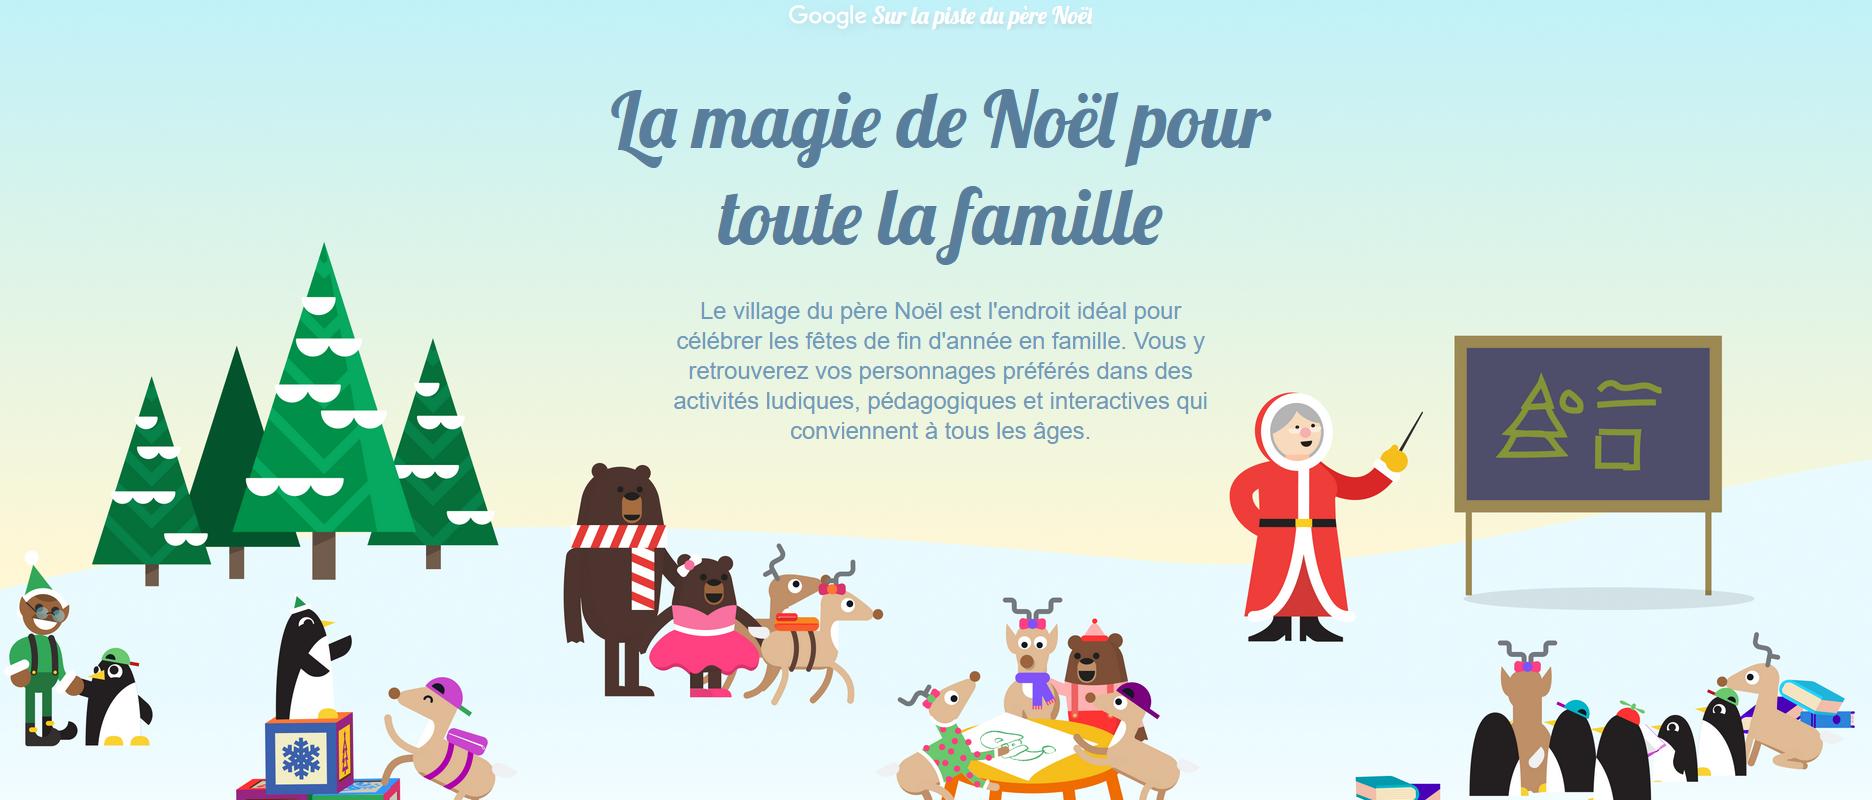 La magie de Noël pour toute la famille